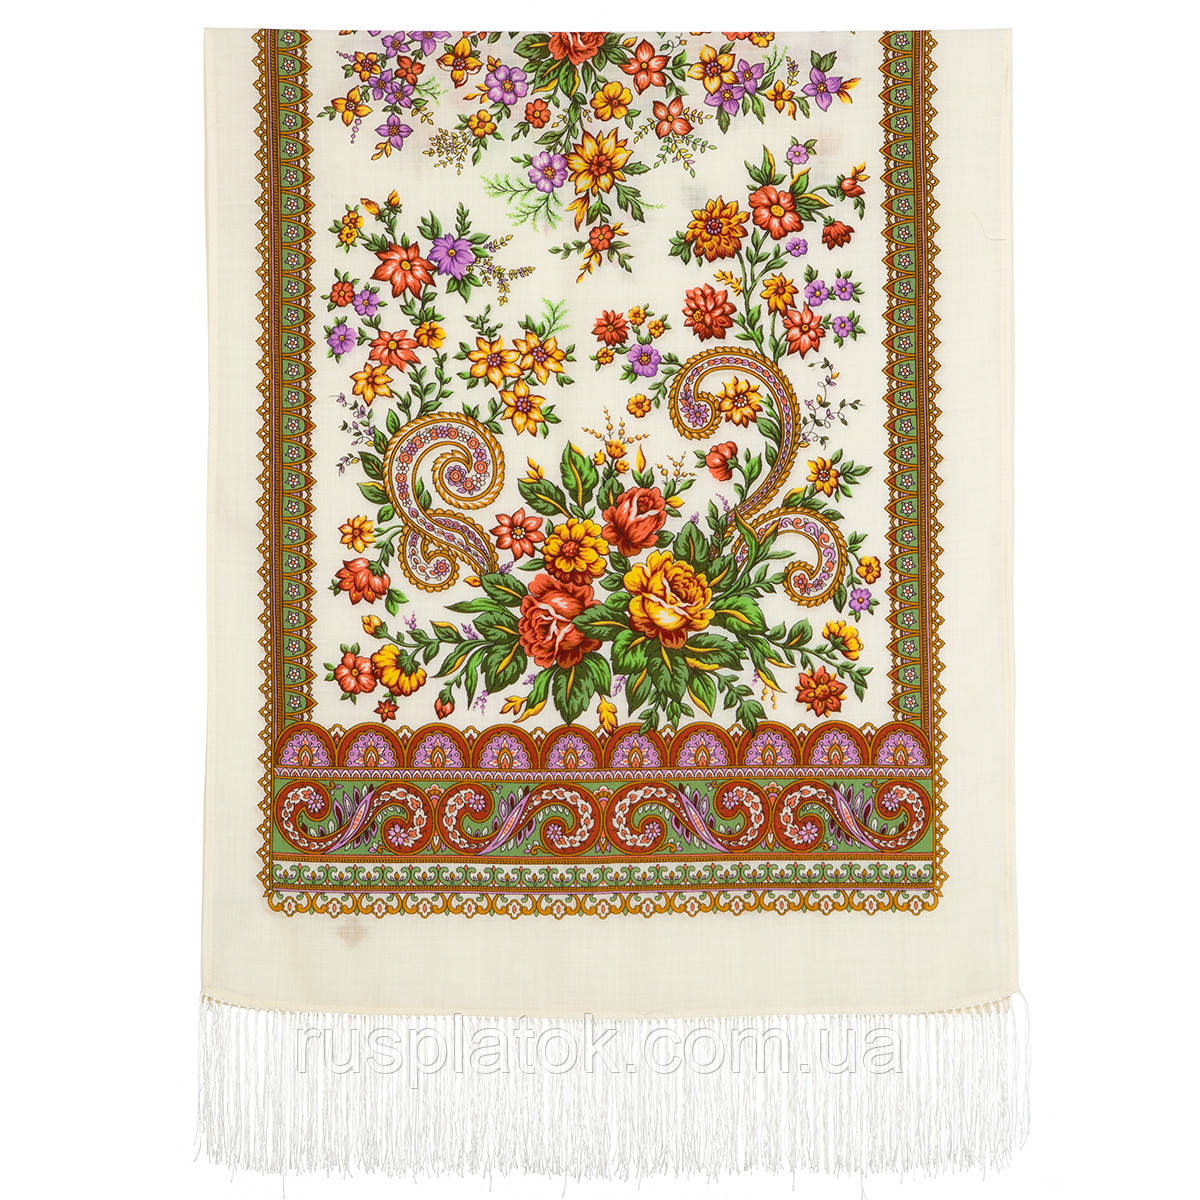 Чувство прекрасного 1767-0, павлопосадский шарф шерстяной  с шелковой бахромой